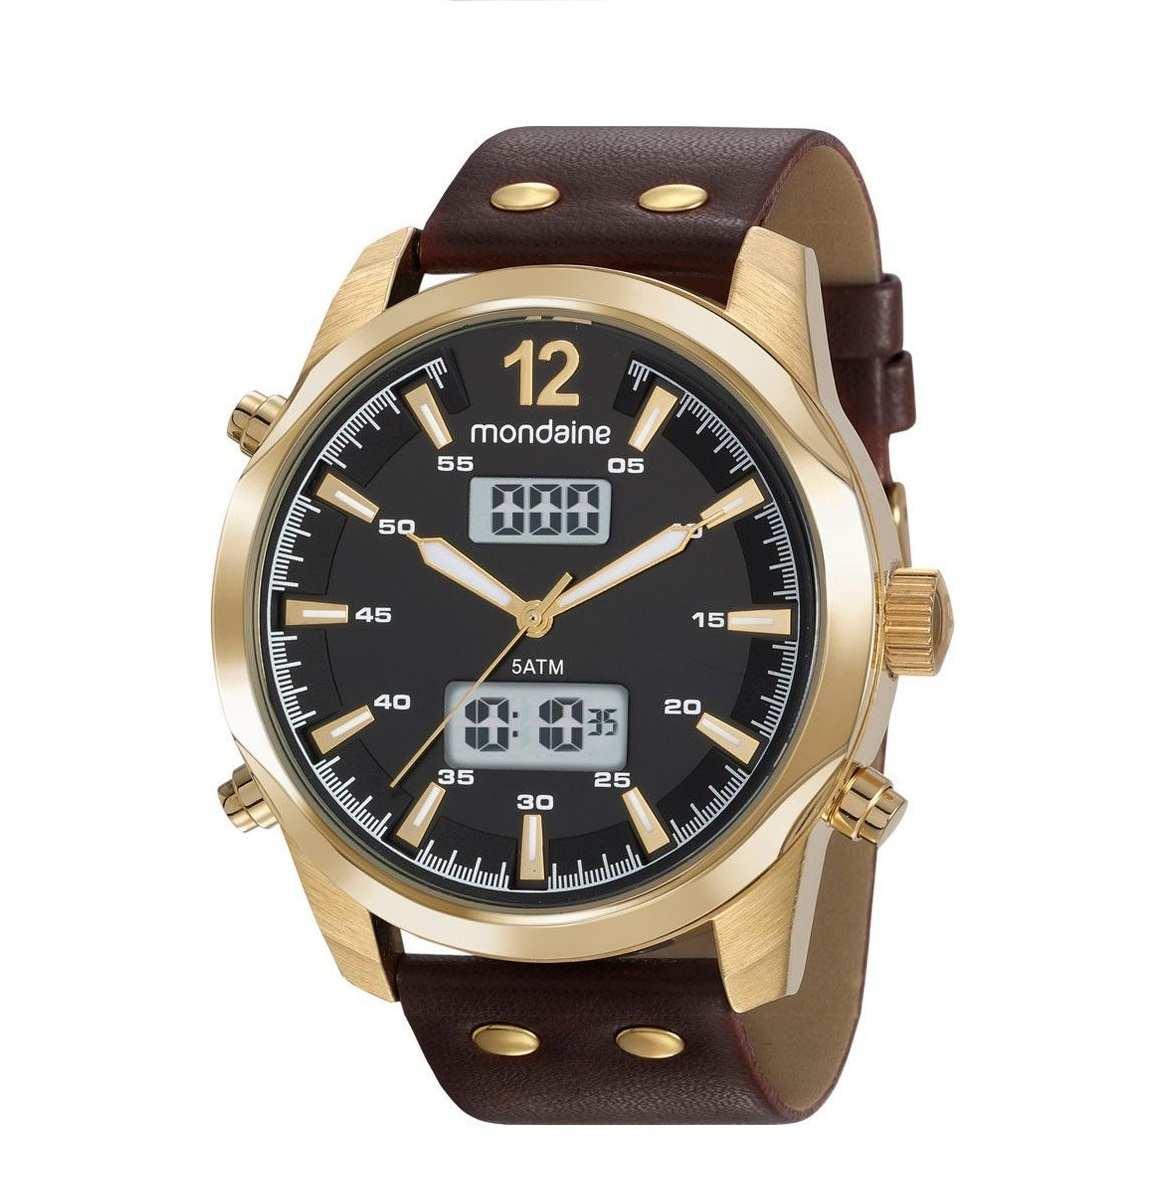 Relógio Masculino Mondaine Marrom/Dourado Digital e analógico 99381GPMVDH2